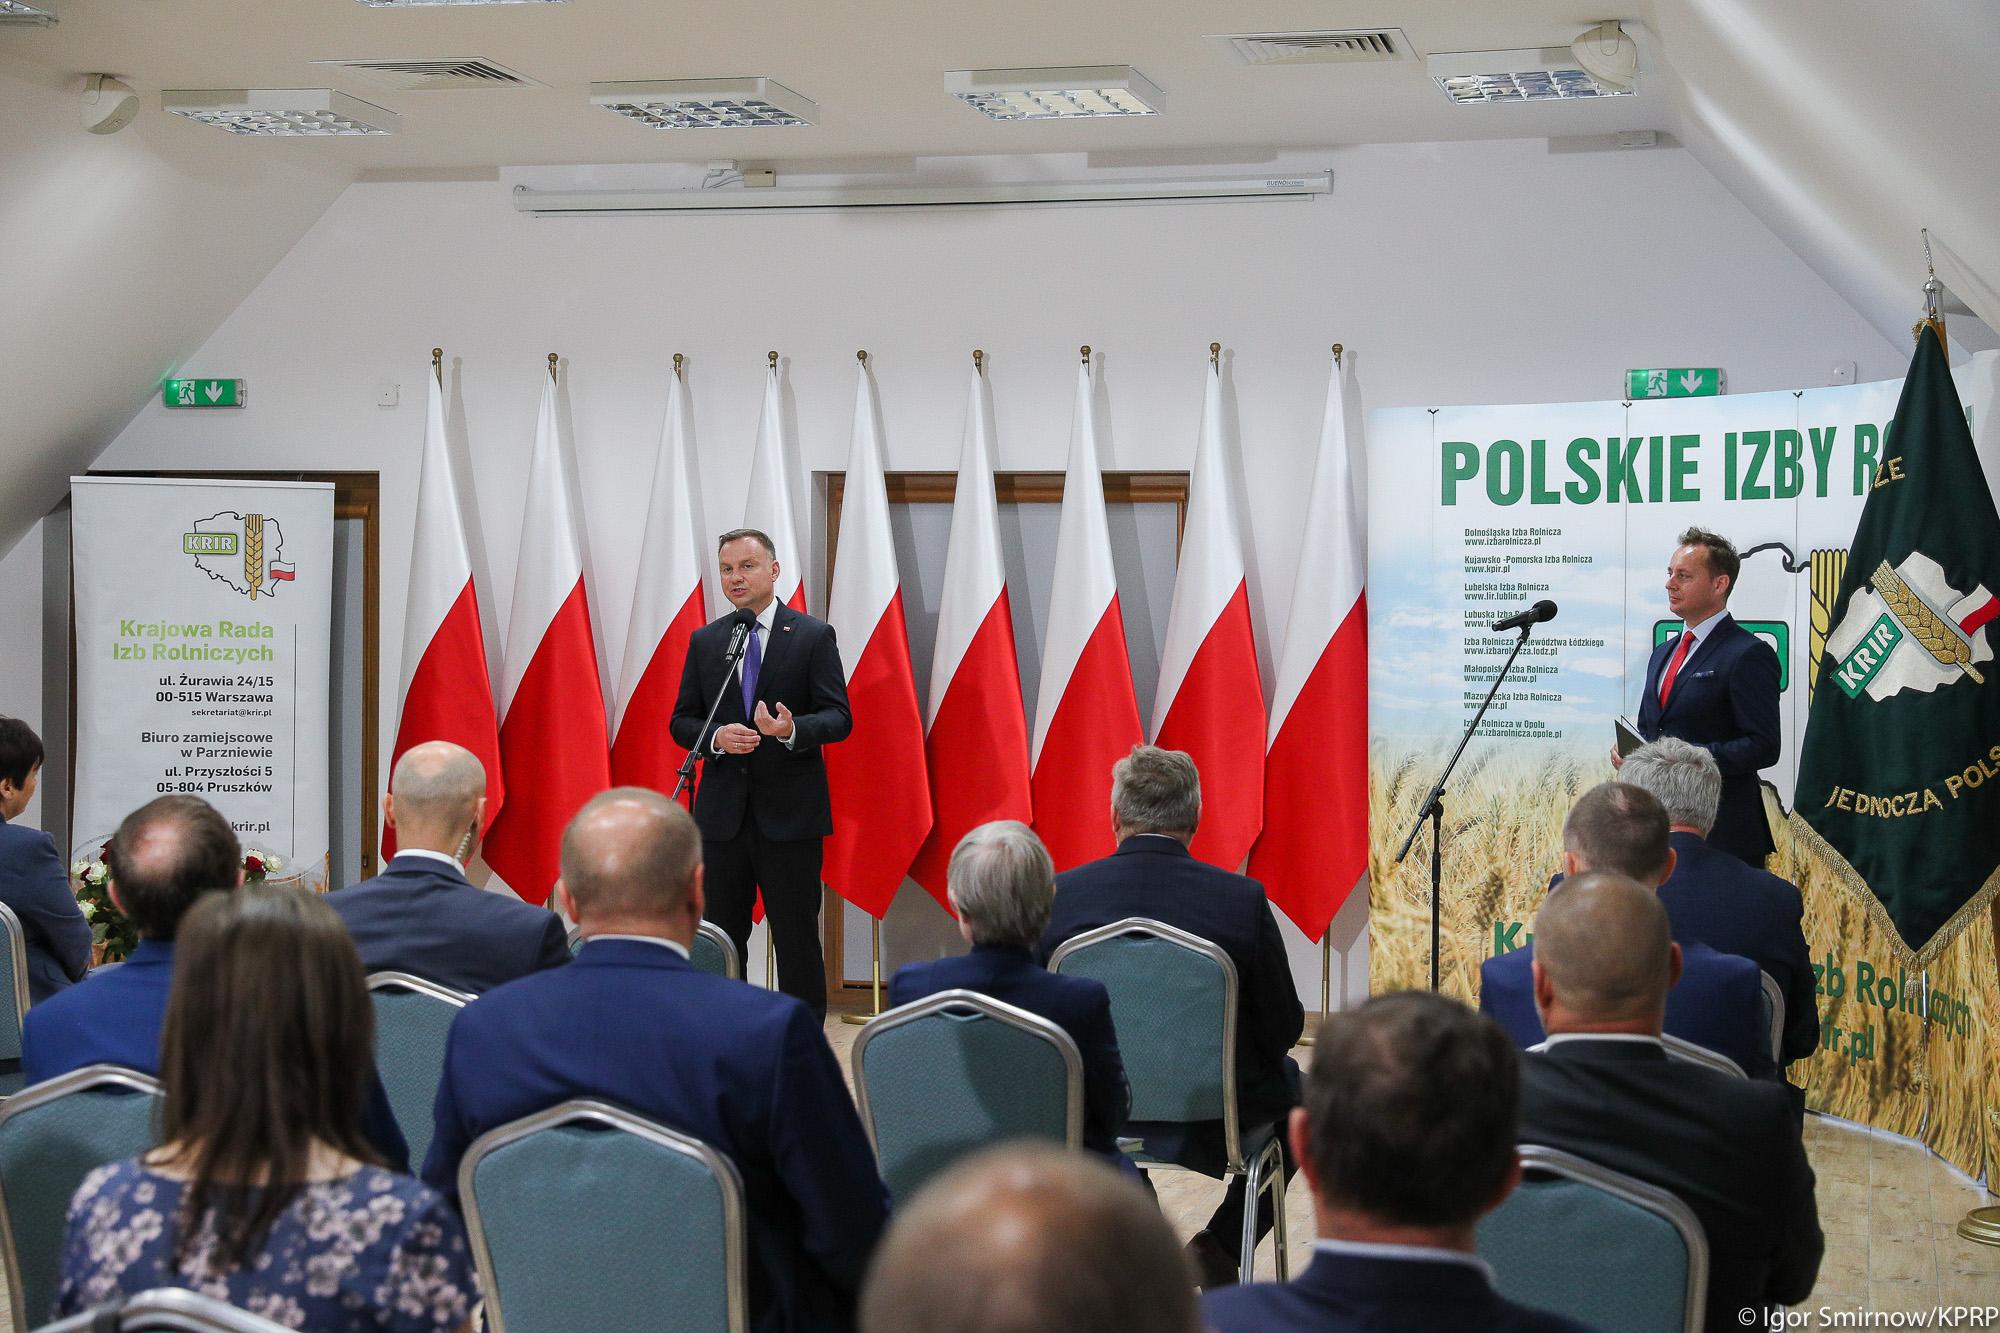 Posiedzenie KRIR z udziałem Prezydenta RP (Fot. Igor Smirnow KPRP)